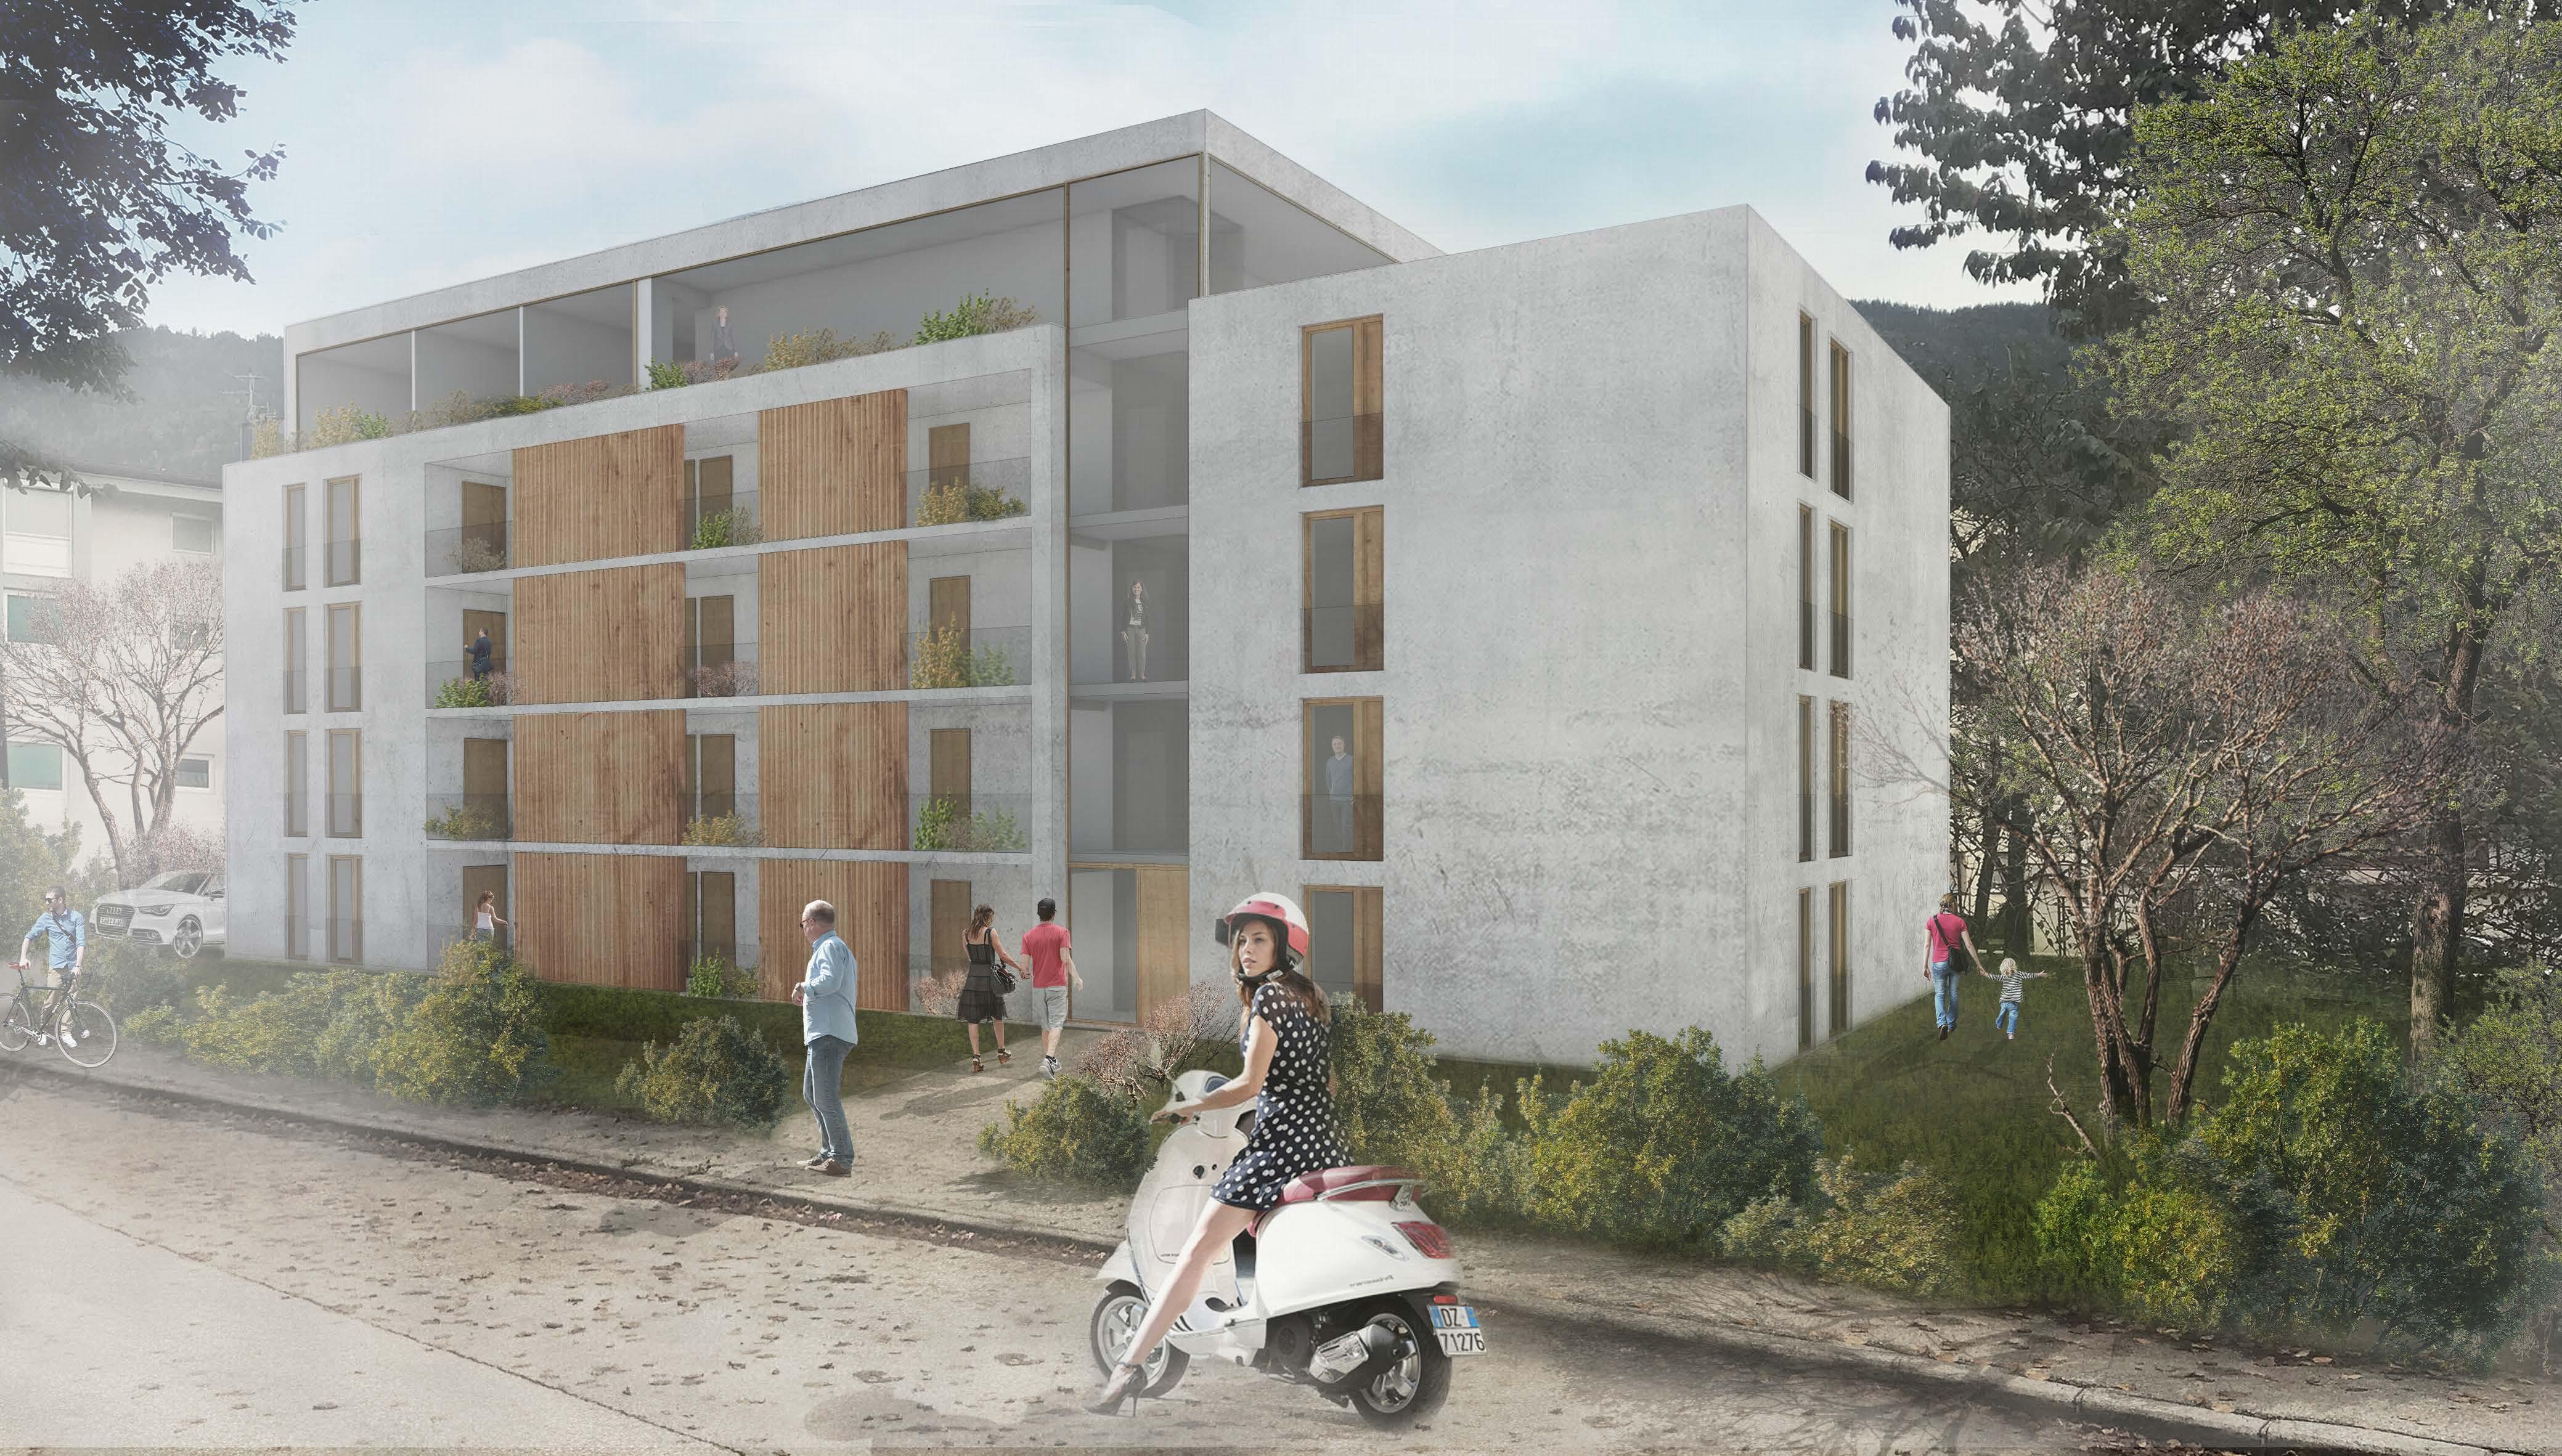 Architekturwettbewerb Wohnanlage Kufstein - HVW Architekten